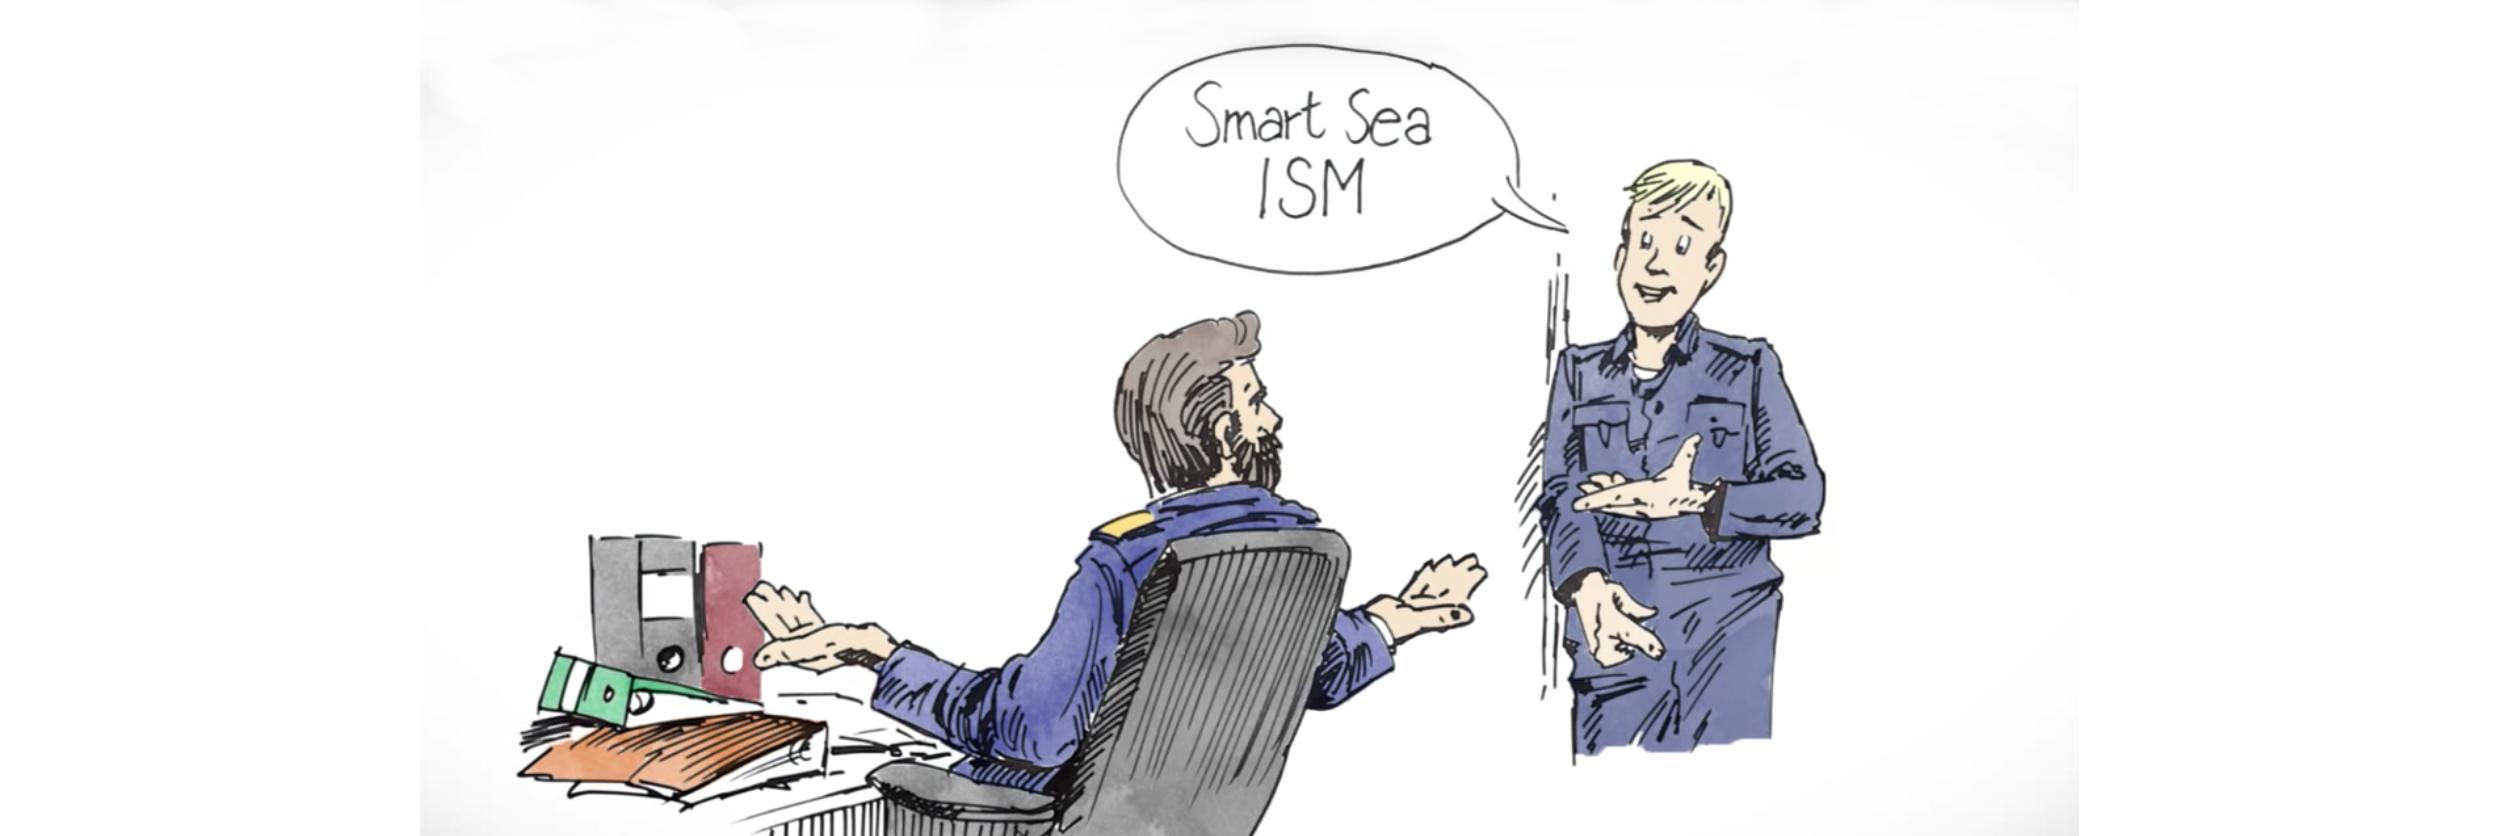 Smart Sea ISM sikkerhetsstyring